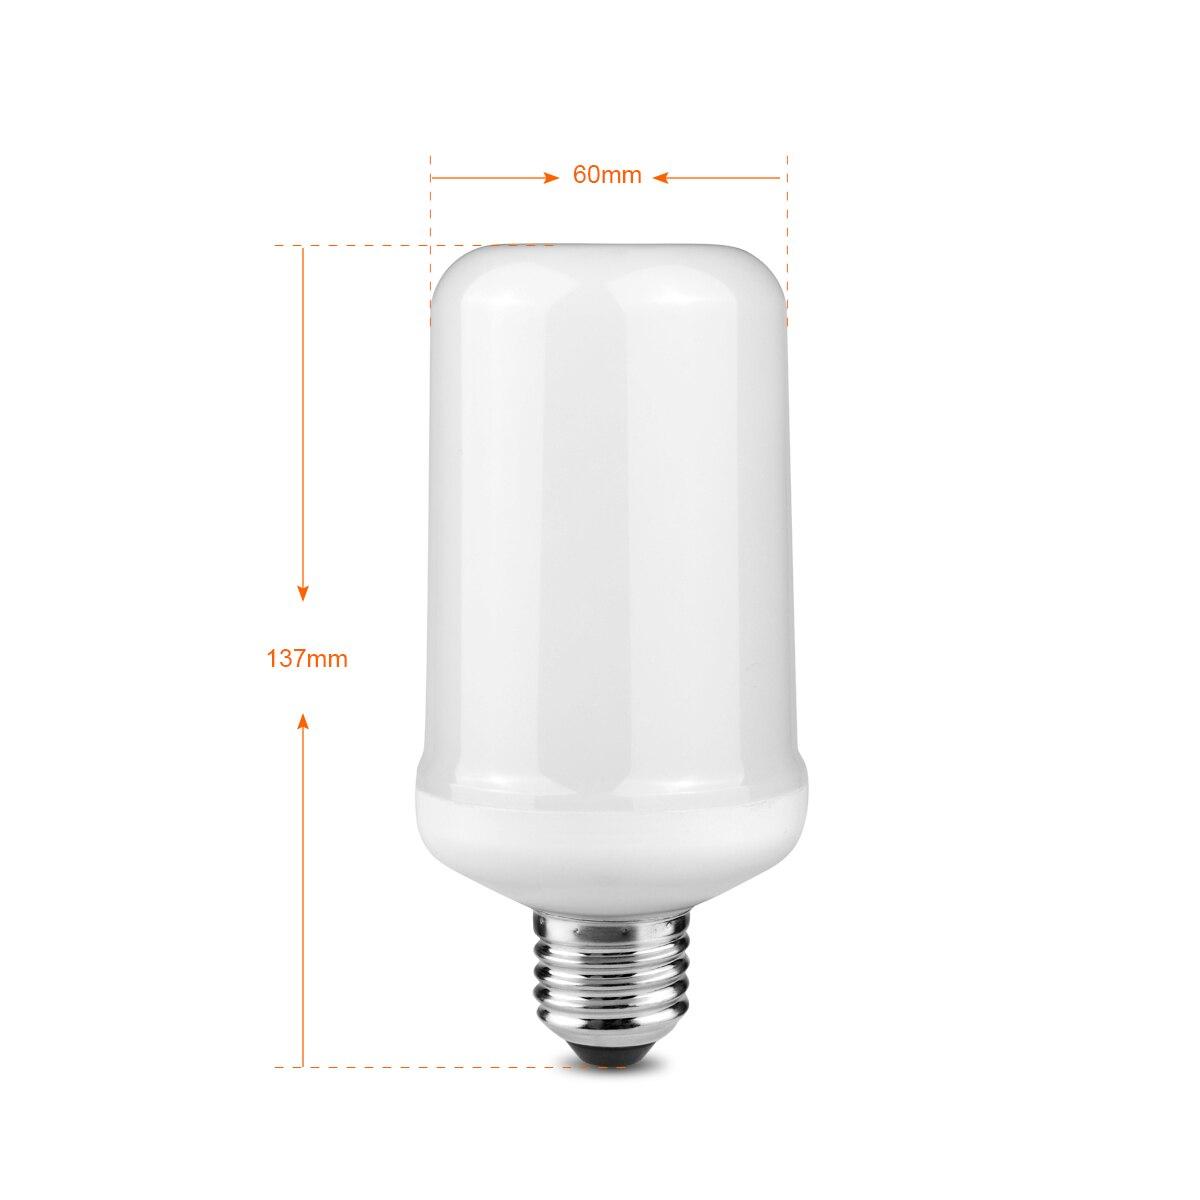 Mes Ampoules Led Scintillent €3.41 20% de réduction flamme dynamique scintillement lumière led ampoule  émulation feu brûlant flamme lampe vacances noël décoration veilleuse e27